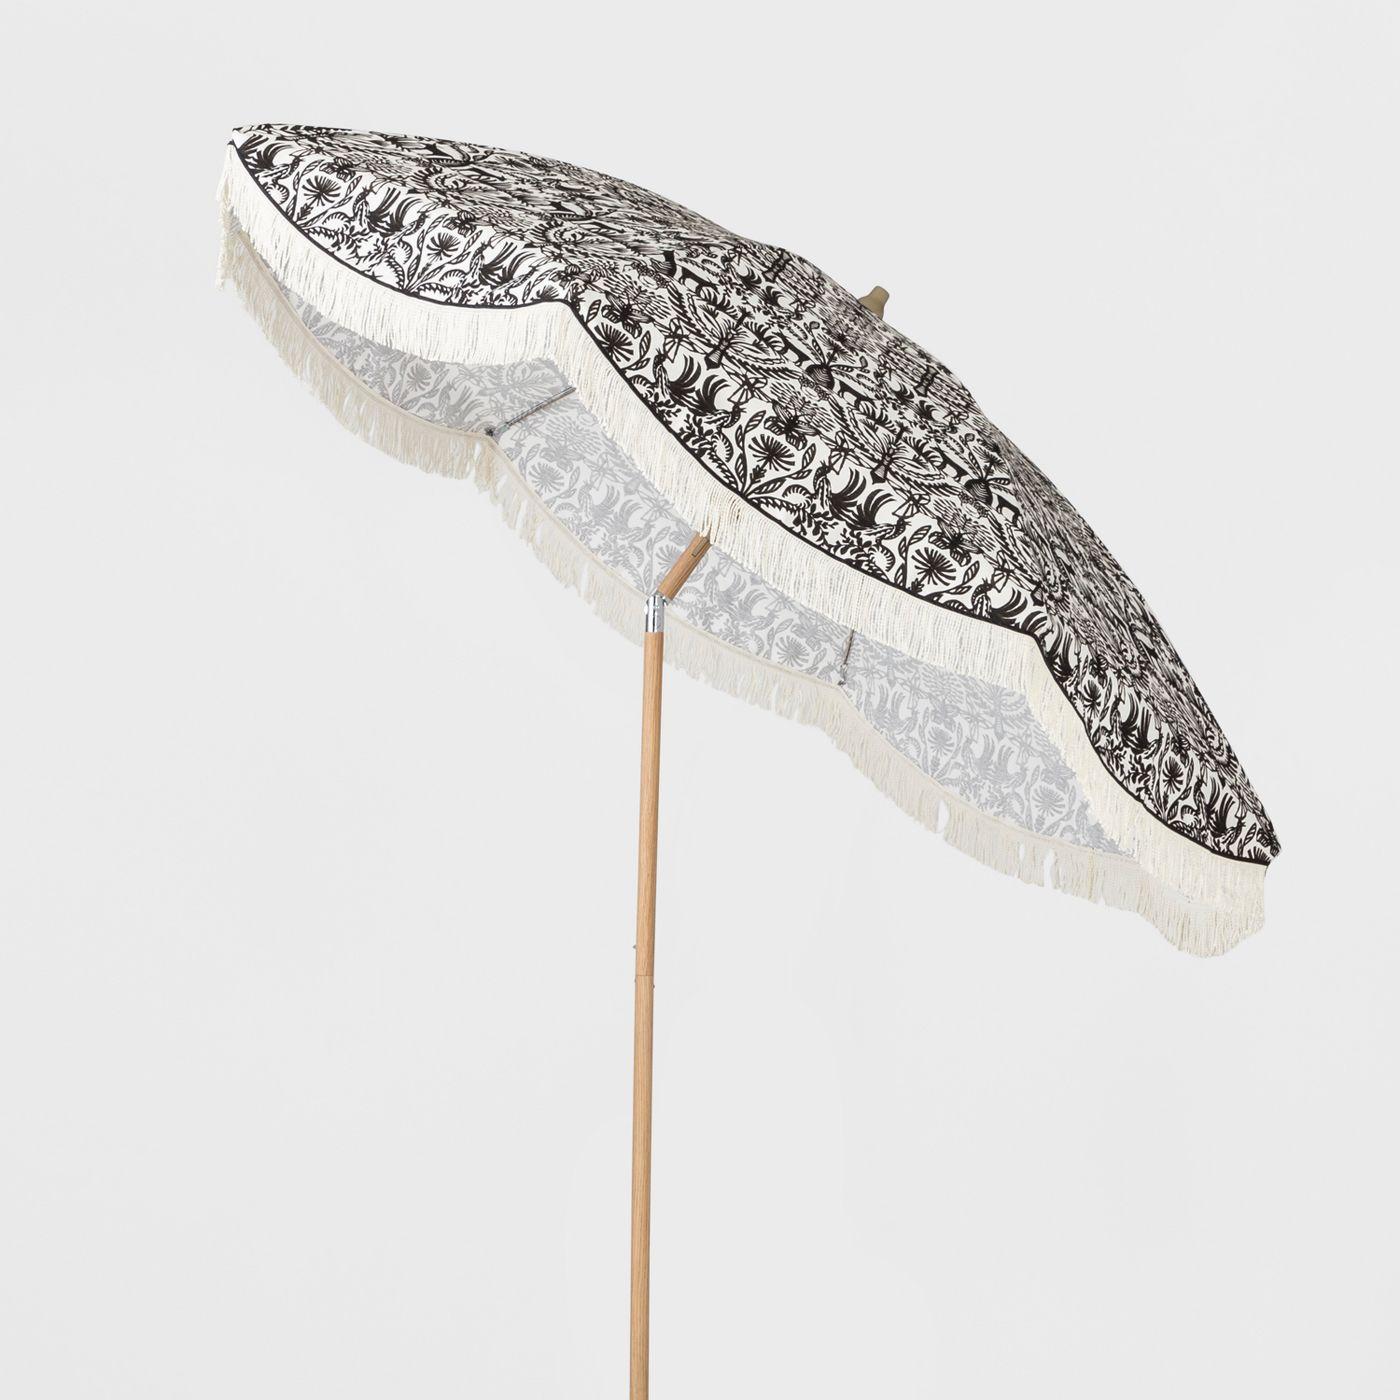 9' Scalloped Patio Umbrella Eulalia Black White Fringe - Light Wood Pole - Opalhouse™ - image 2 of 2